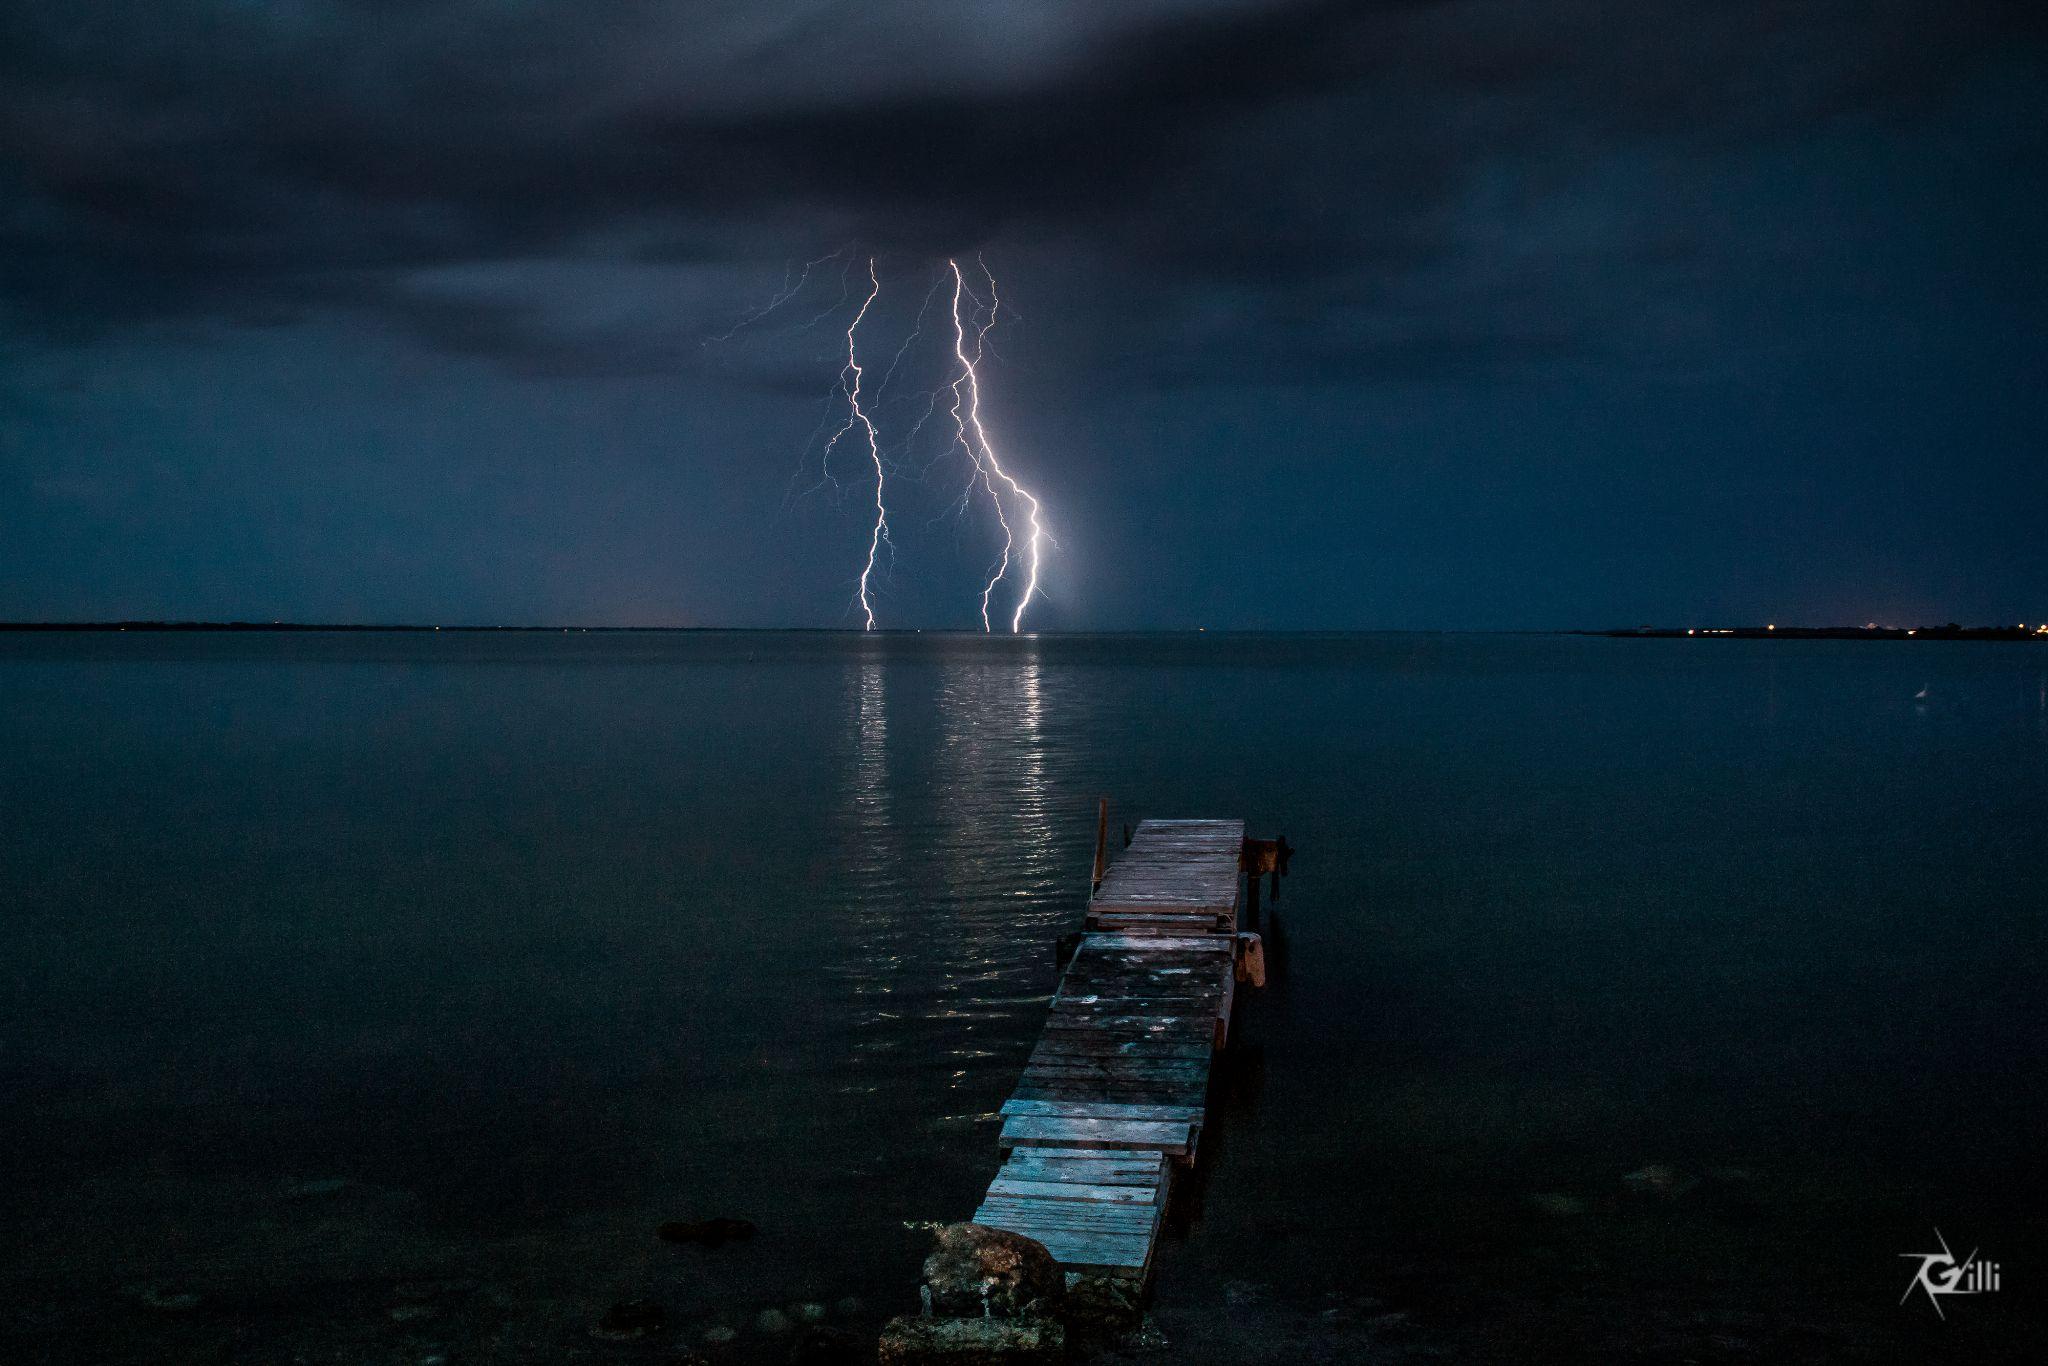 Thunder on the lake - Orage sur l'Etang de l'or by gilbertwayenborgh